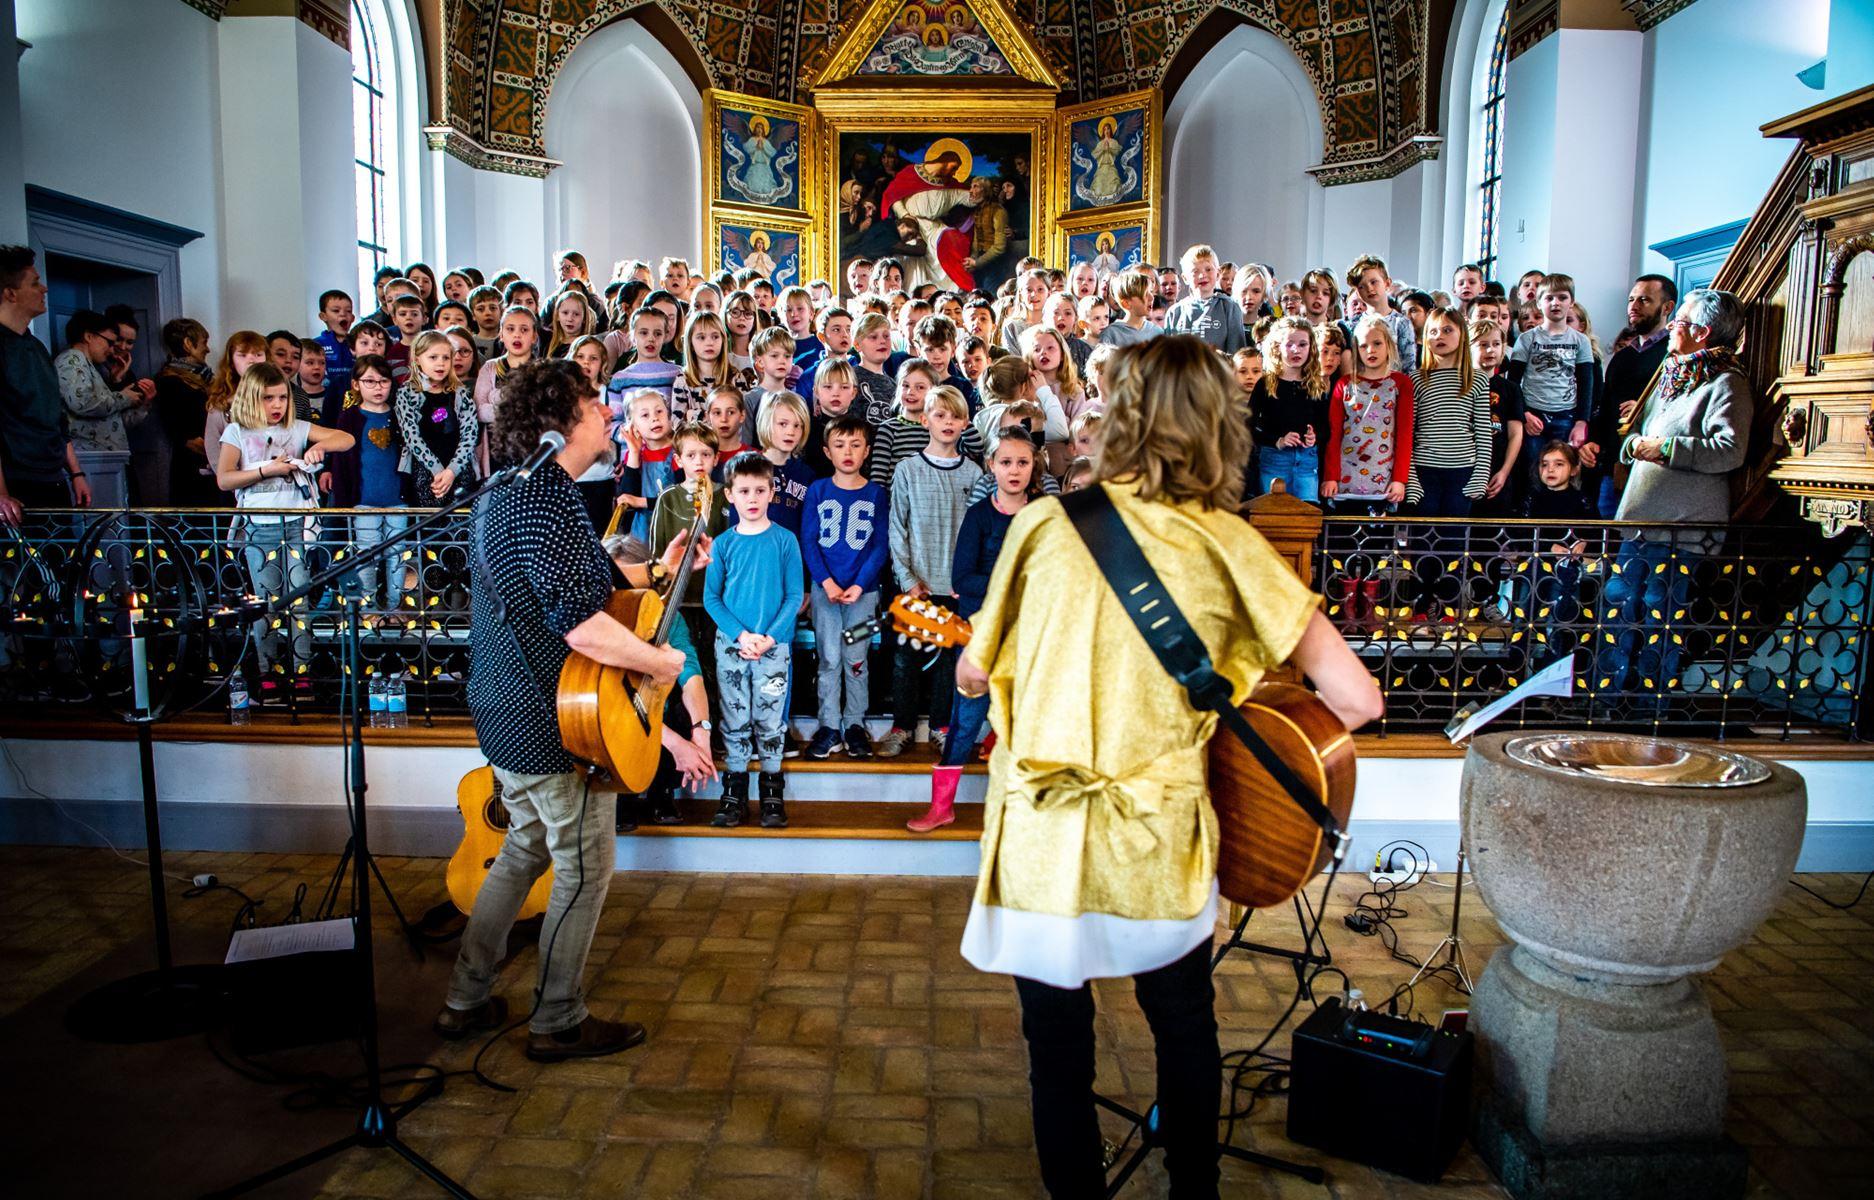 Børn fra Mors var torsdag samlet i Nykøbing Kirke med musikerne Sille Grønberg og Palle Windfeldt